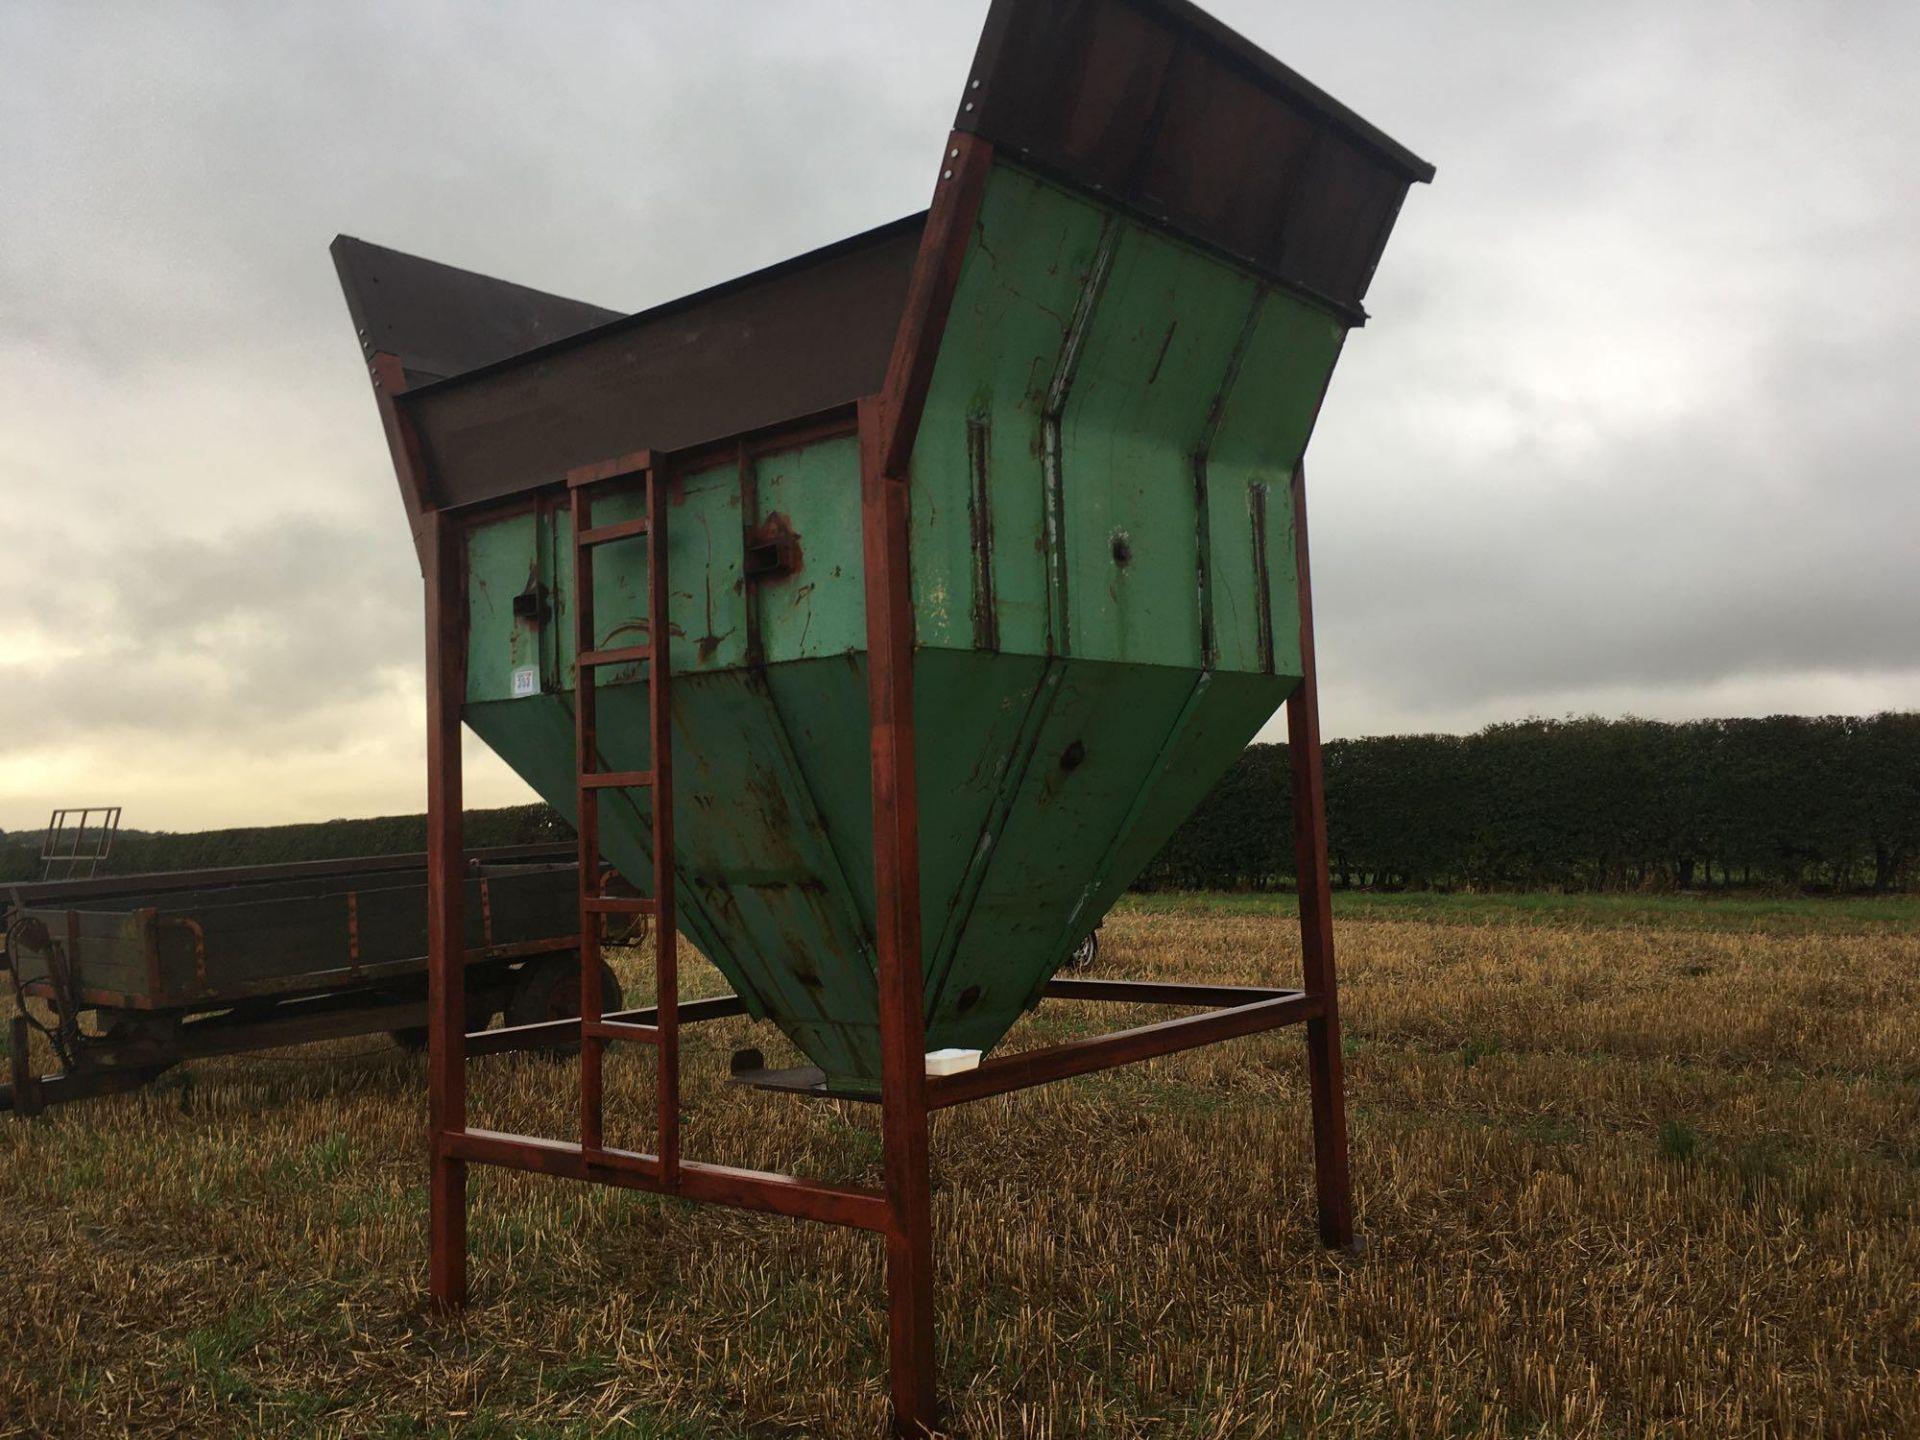 Freestanding 5t grain hopper - Image 3 of 5